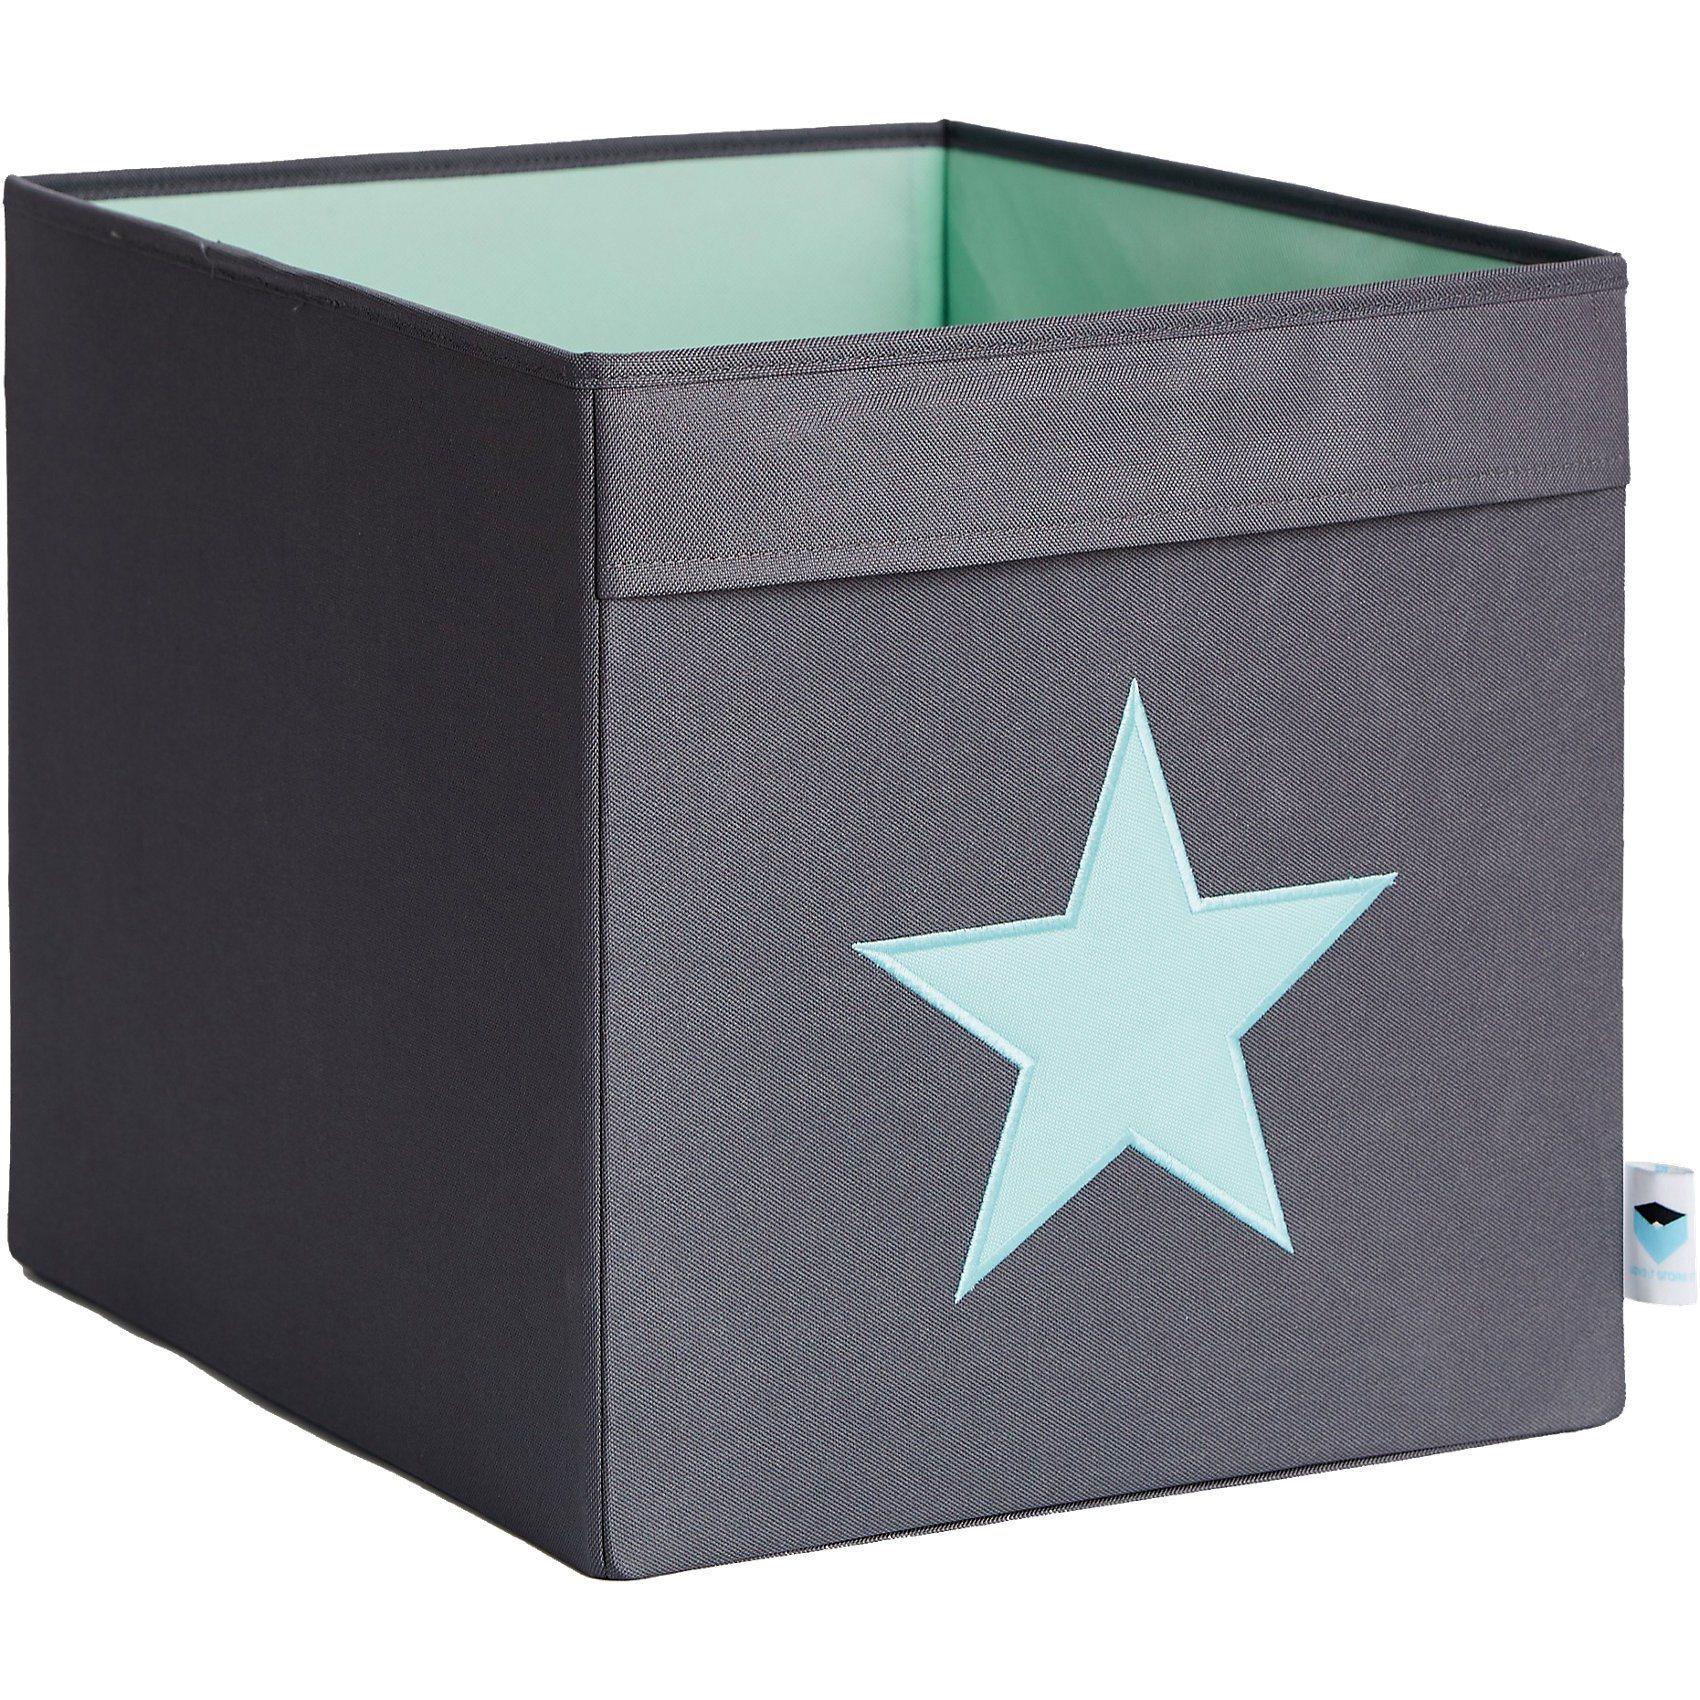 STORE IT! Aufbewahrungsbox, Stern, grau/mint | Dekoration > Aufbewahrung und Ordnung > Kästchen | Polyester | STORE IT!